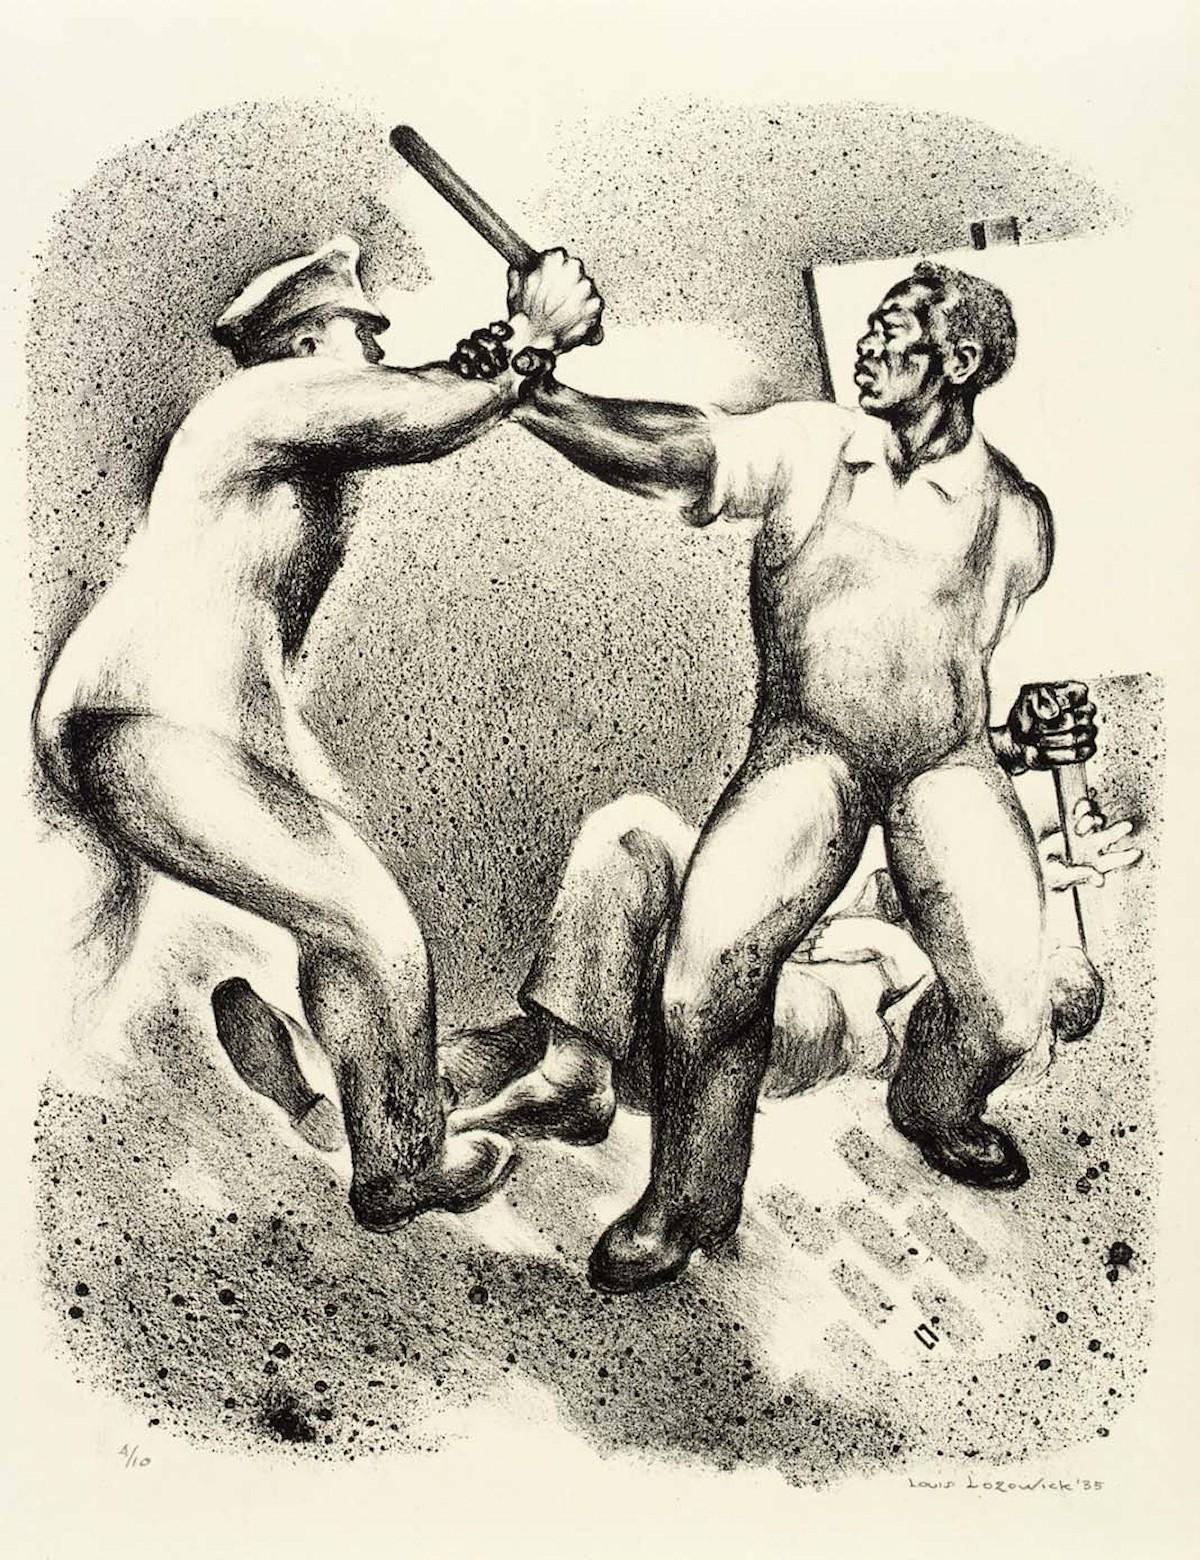 00 Louis Lozowick. Strike Scene. 1935